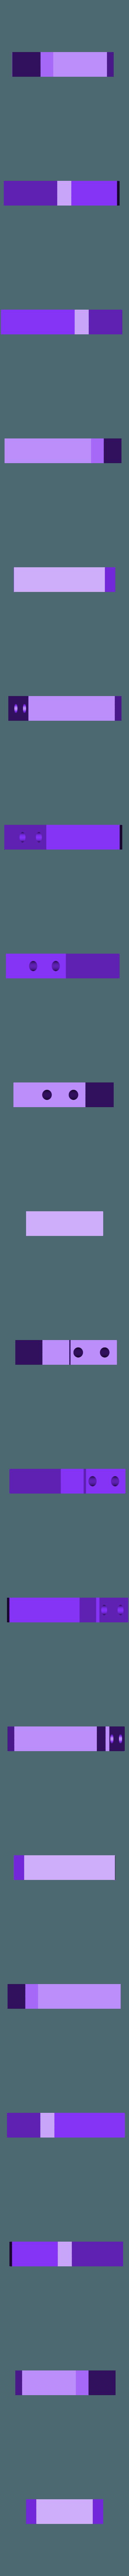 Suport_lateral.stl Télécharger fichier STL trencanous/casse-noisettes • Plan à imprimer en 3D, Juntosporlaimpresion3D